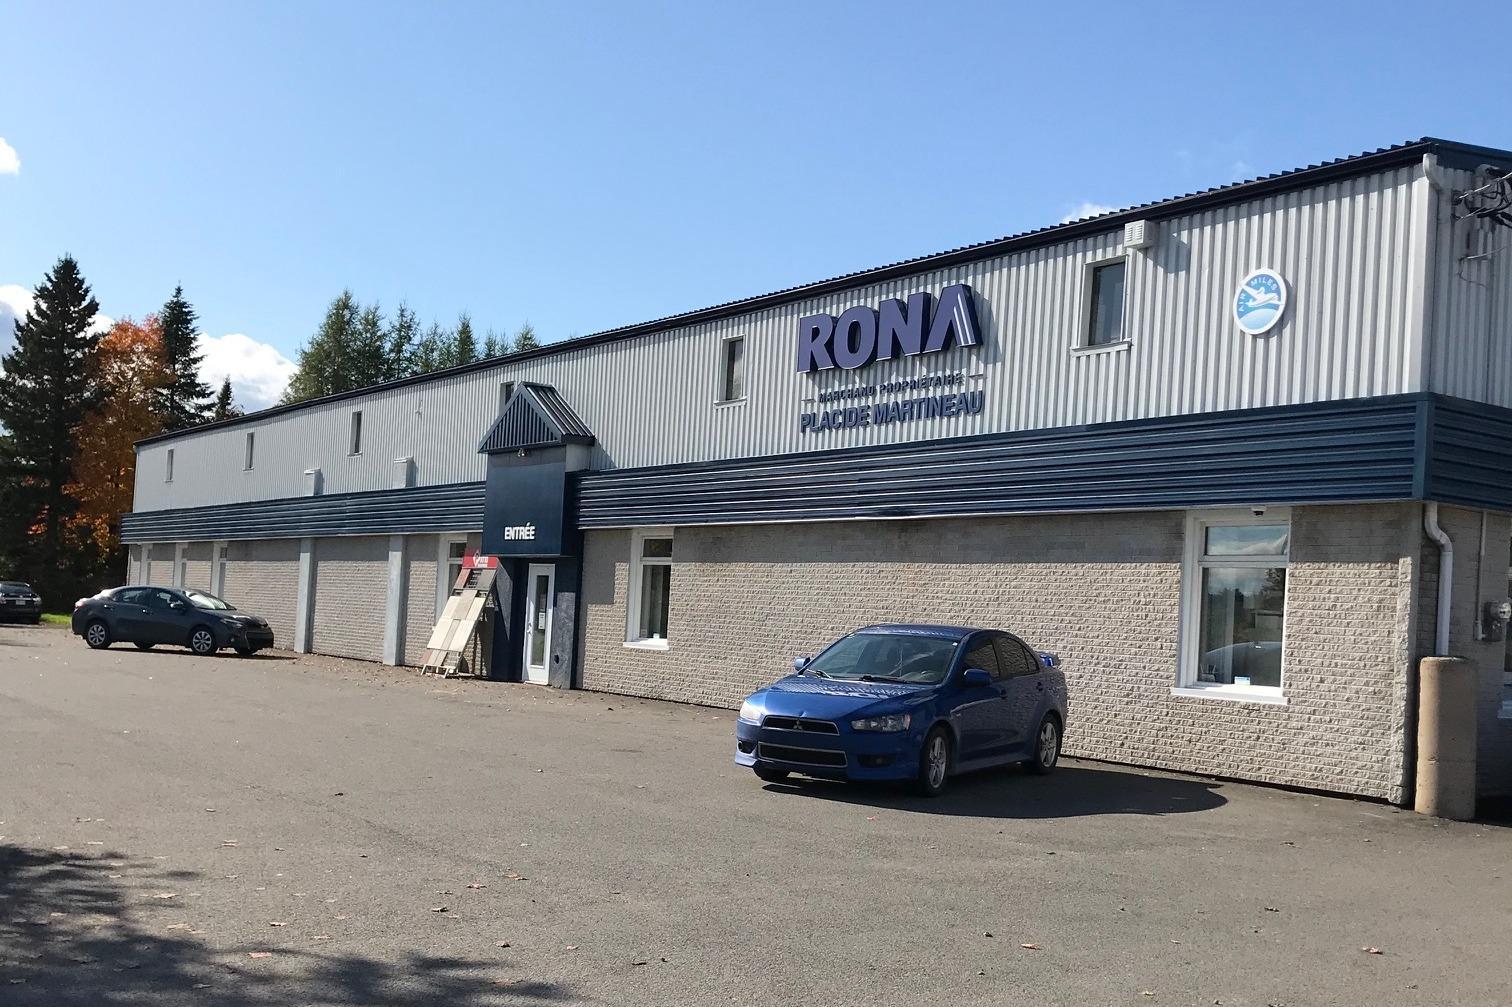 RONA Placide Martineau Inc. (Saint-Apollinaire)